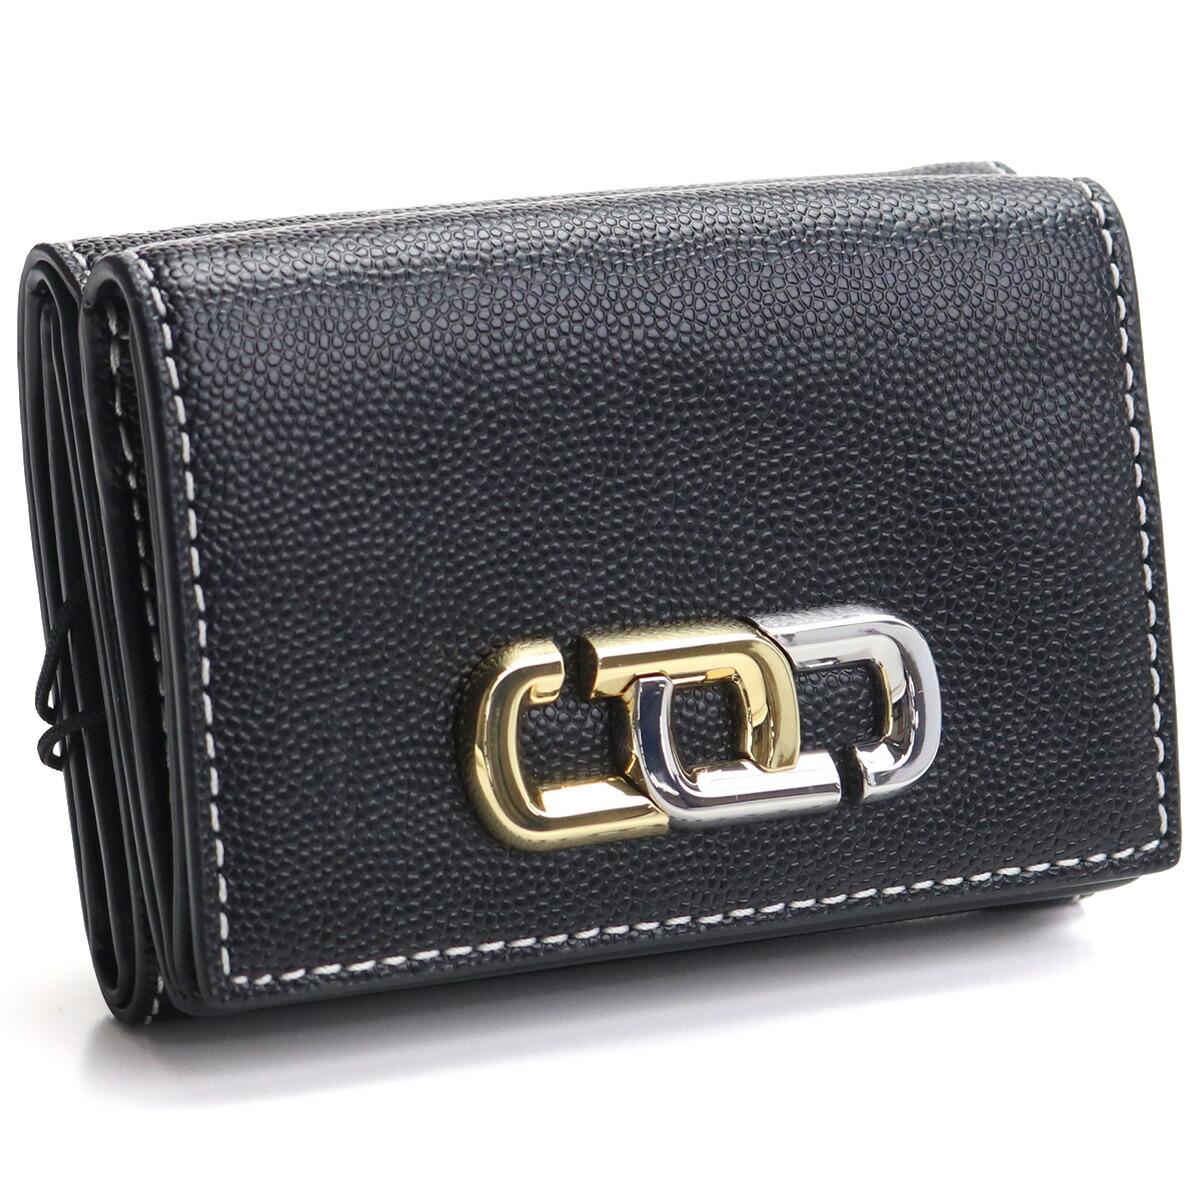 マーク・ジェイコブス MARC JACOBS THE J LINK SLGS 3つ折り財布 ミニ財布 コンパクト財布 コンパクト財布 M0017023 001 BLACK ブラック gsw-2